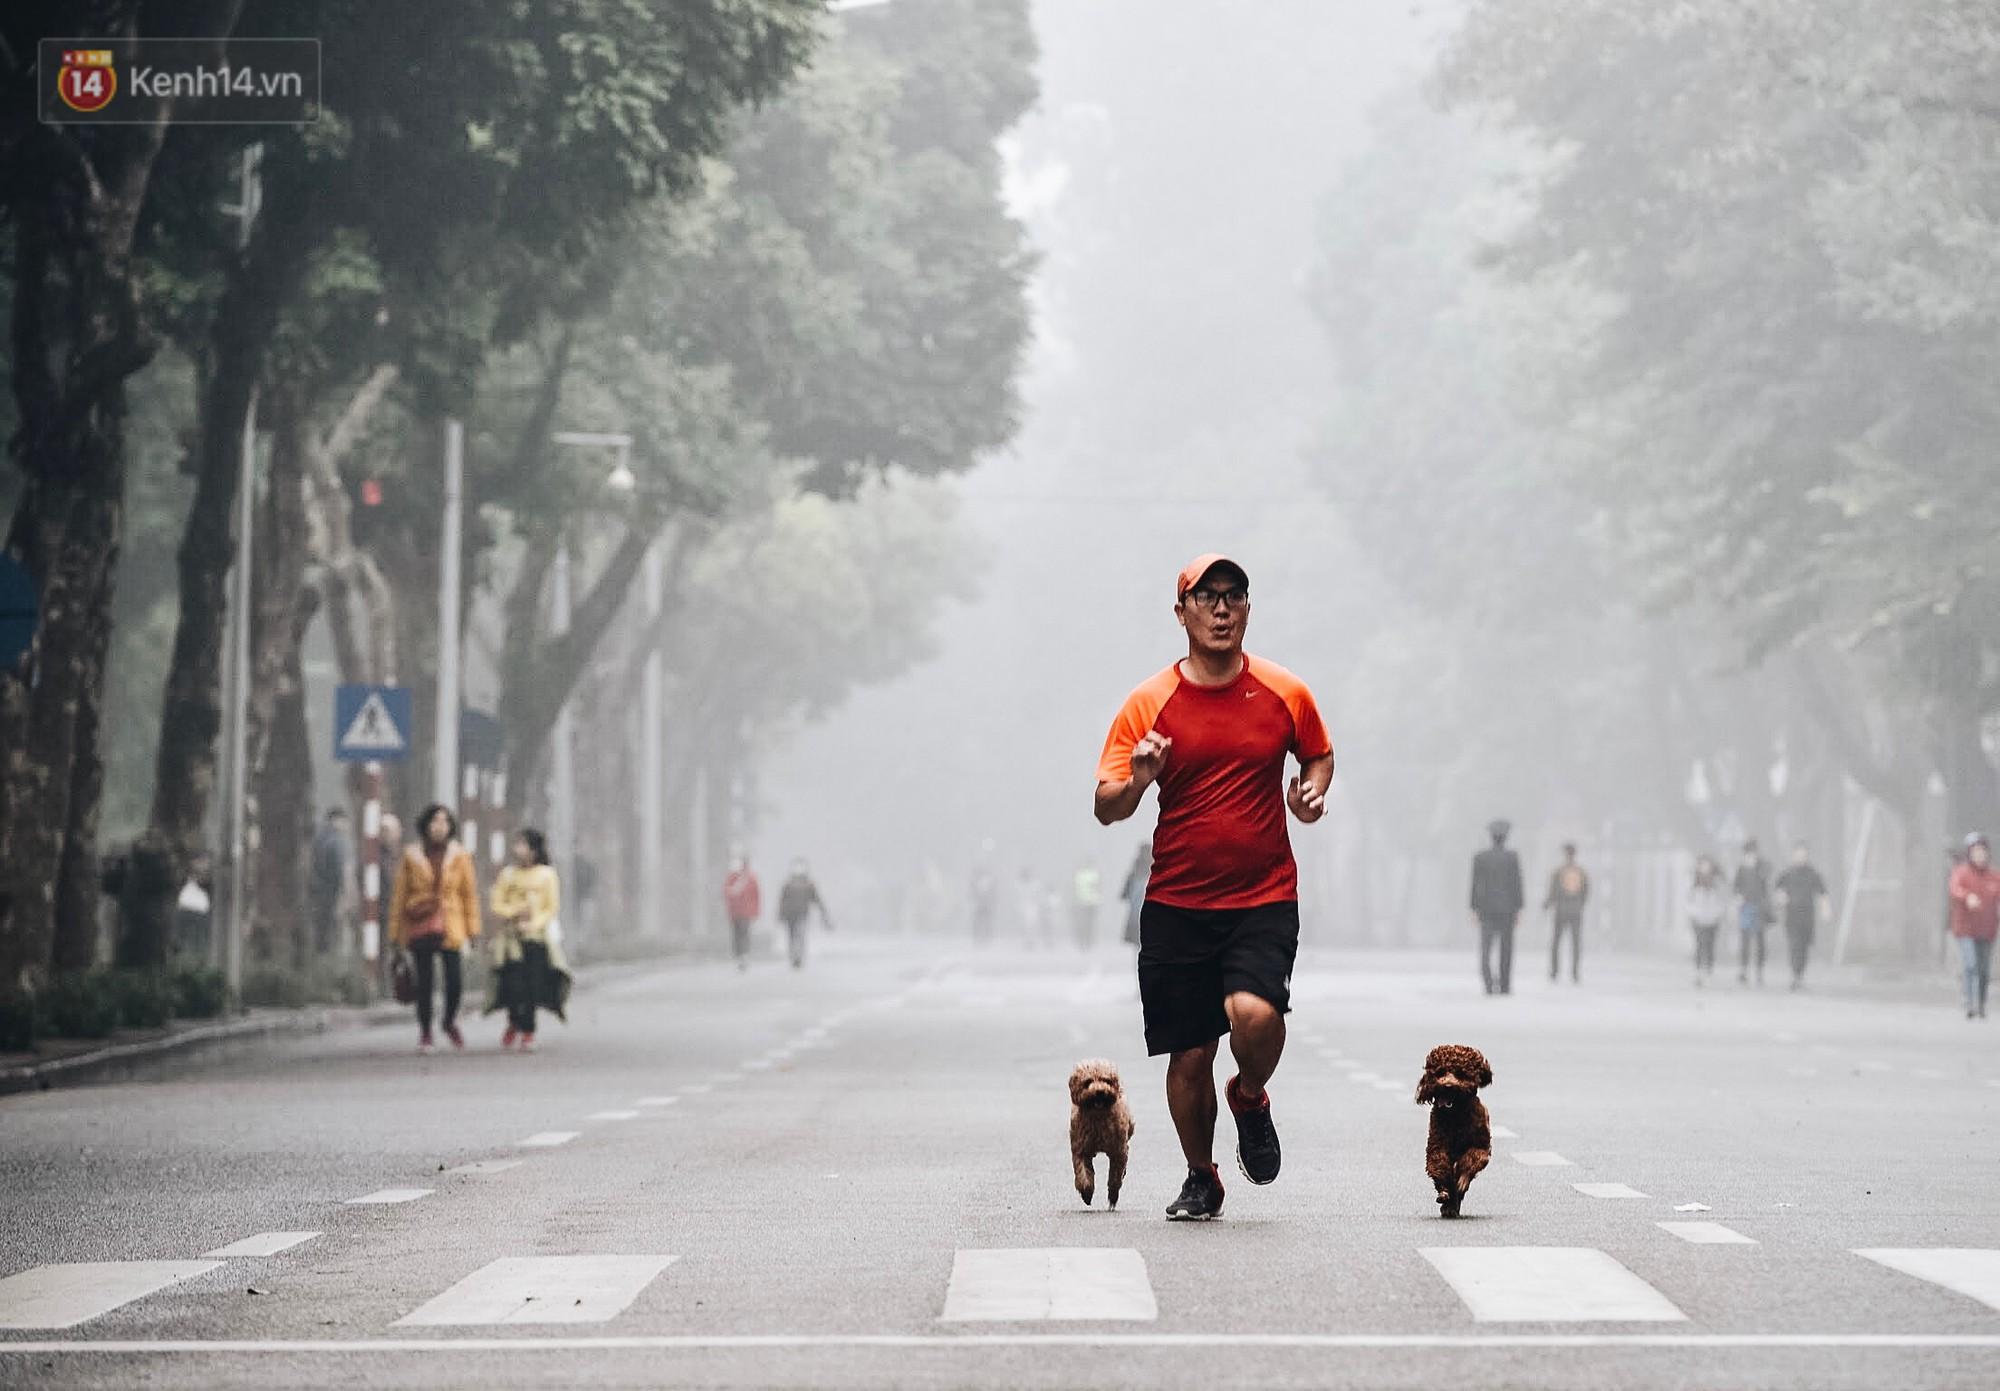 Chùm ảnh: Sáng cuối tuần, sương mù dày đặc phủ kín Hà Nội khiến người dân ngỡ như đang ở Sapa - Ảnh 11.